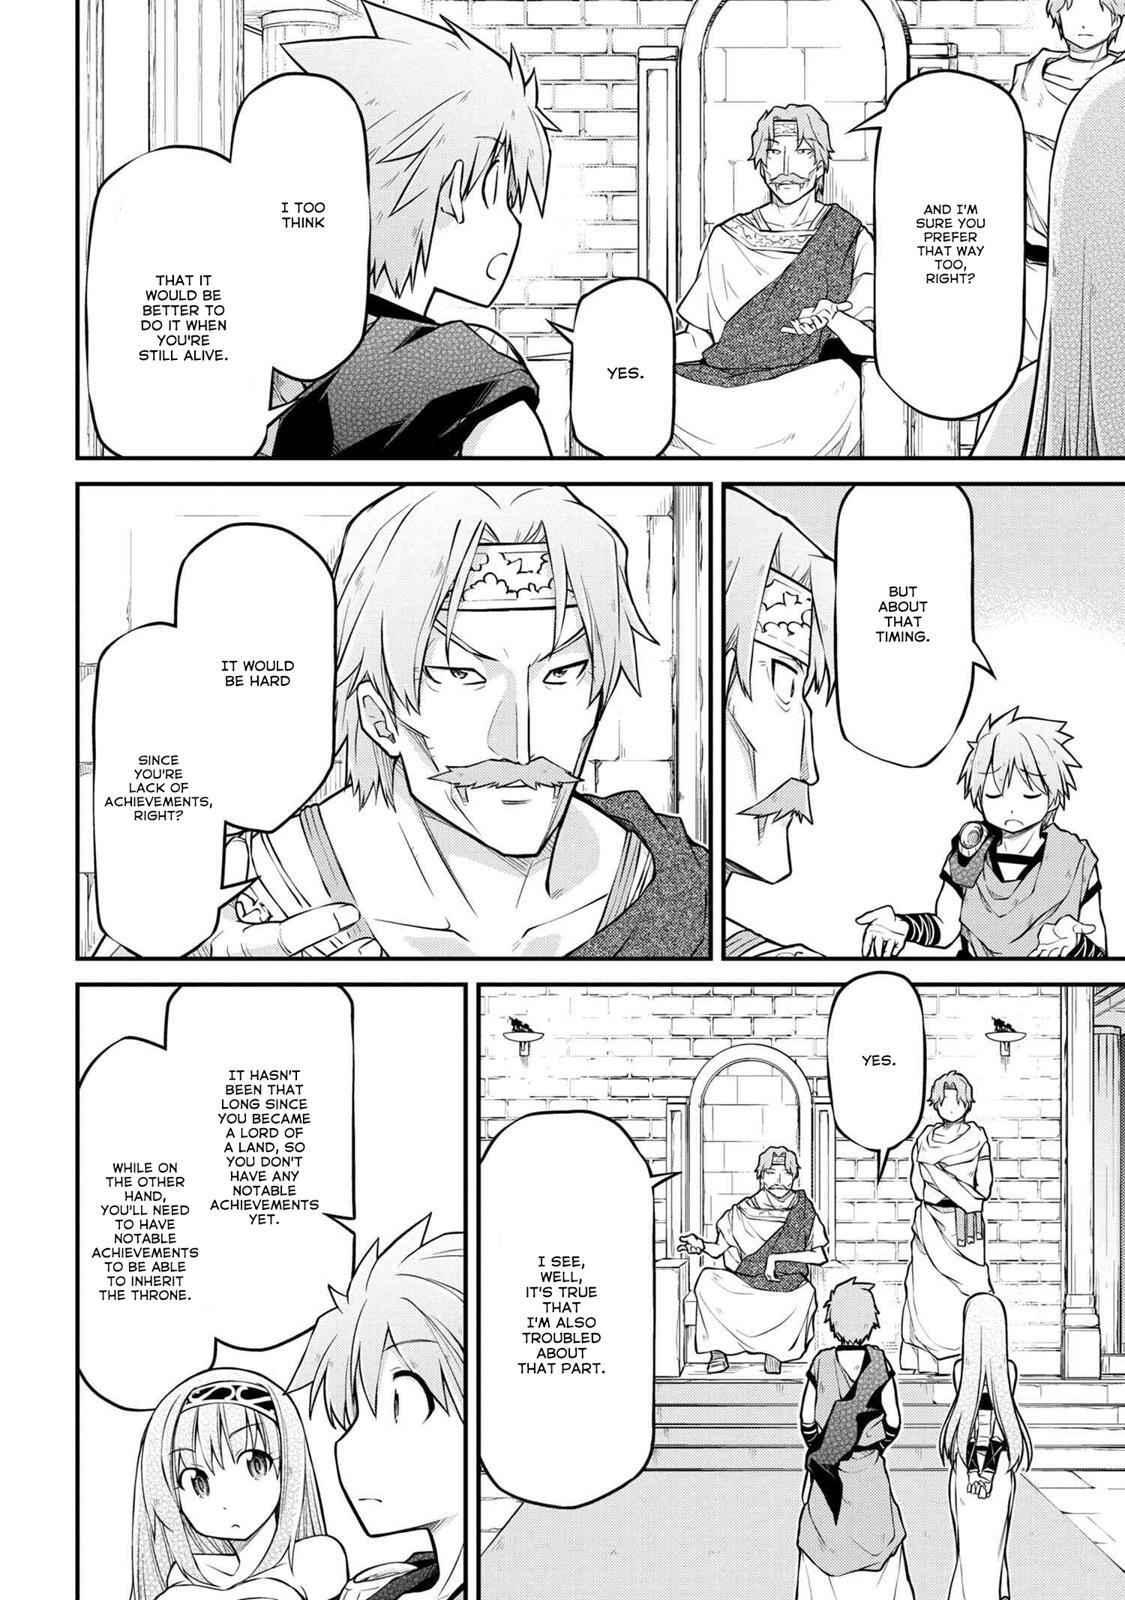 Isekai Kenkokuki - chapter 37.2-eng-li